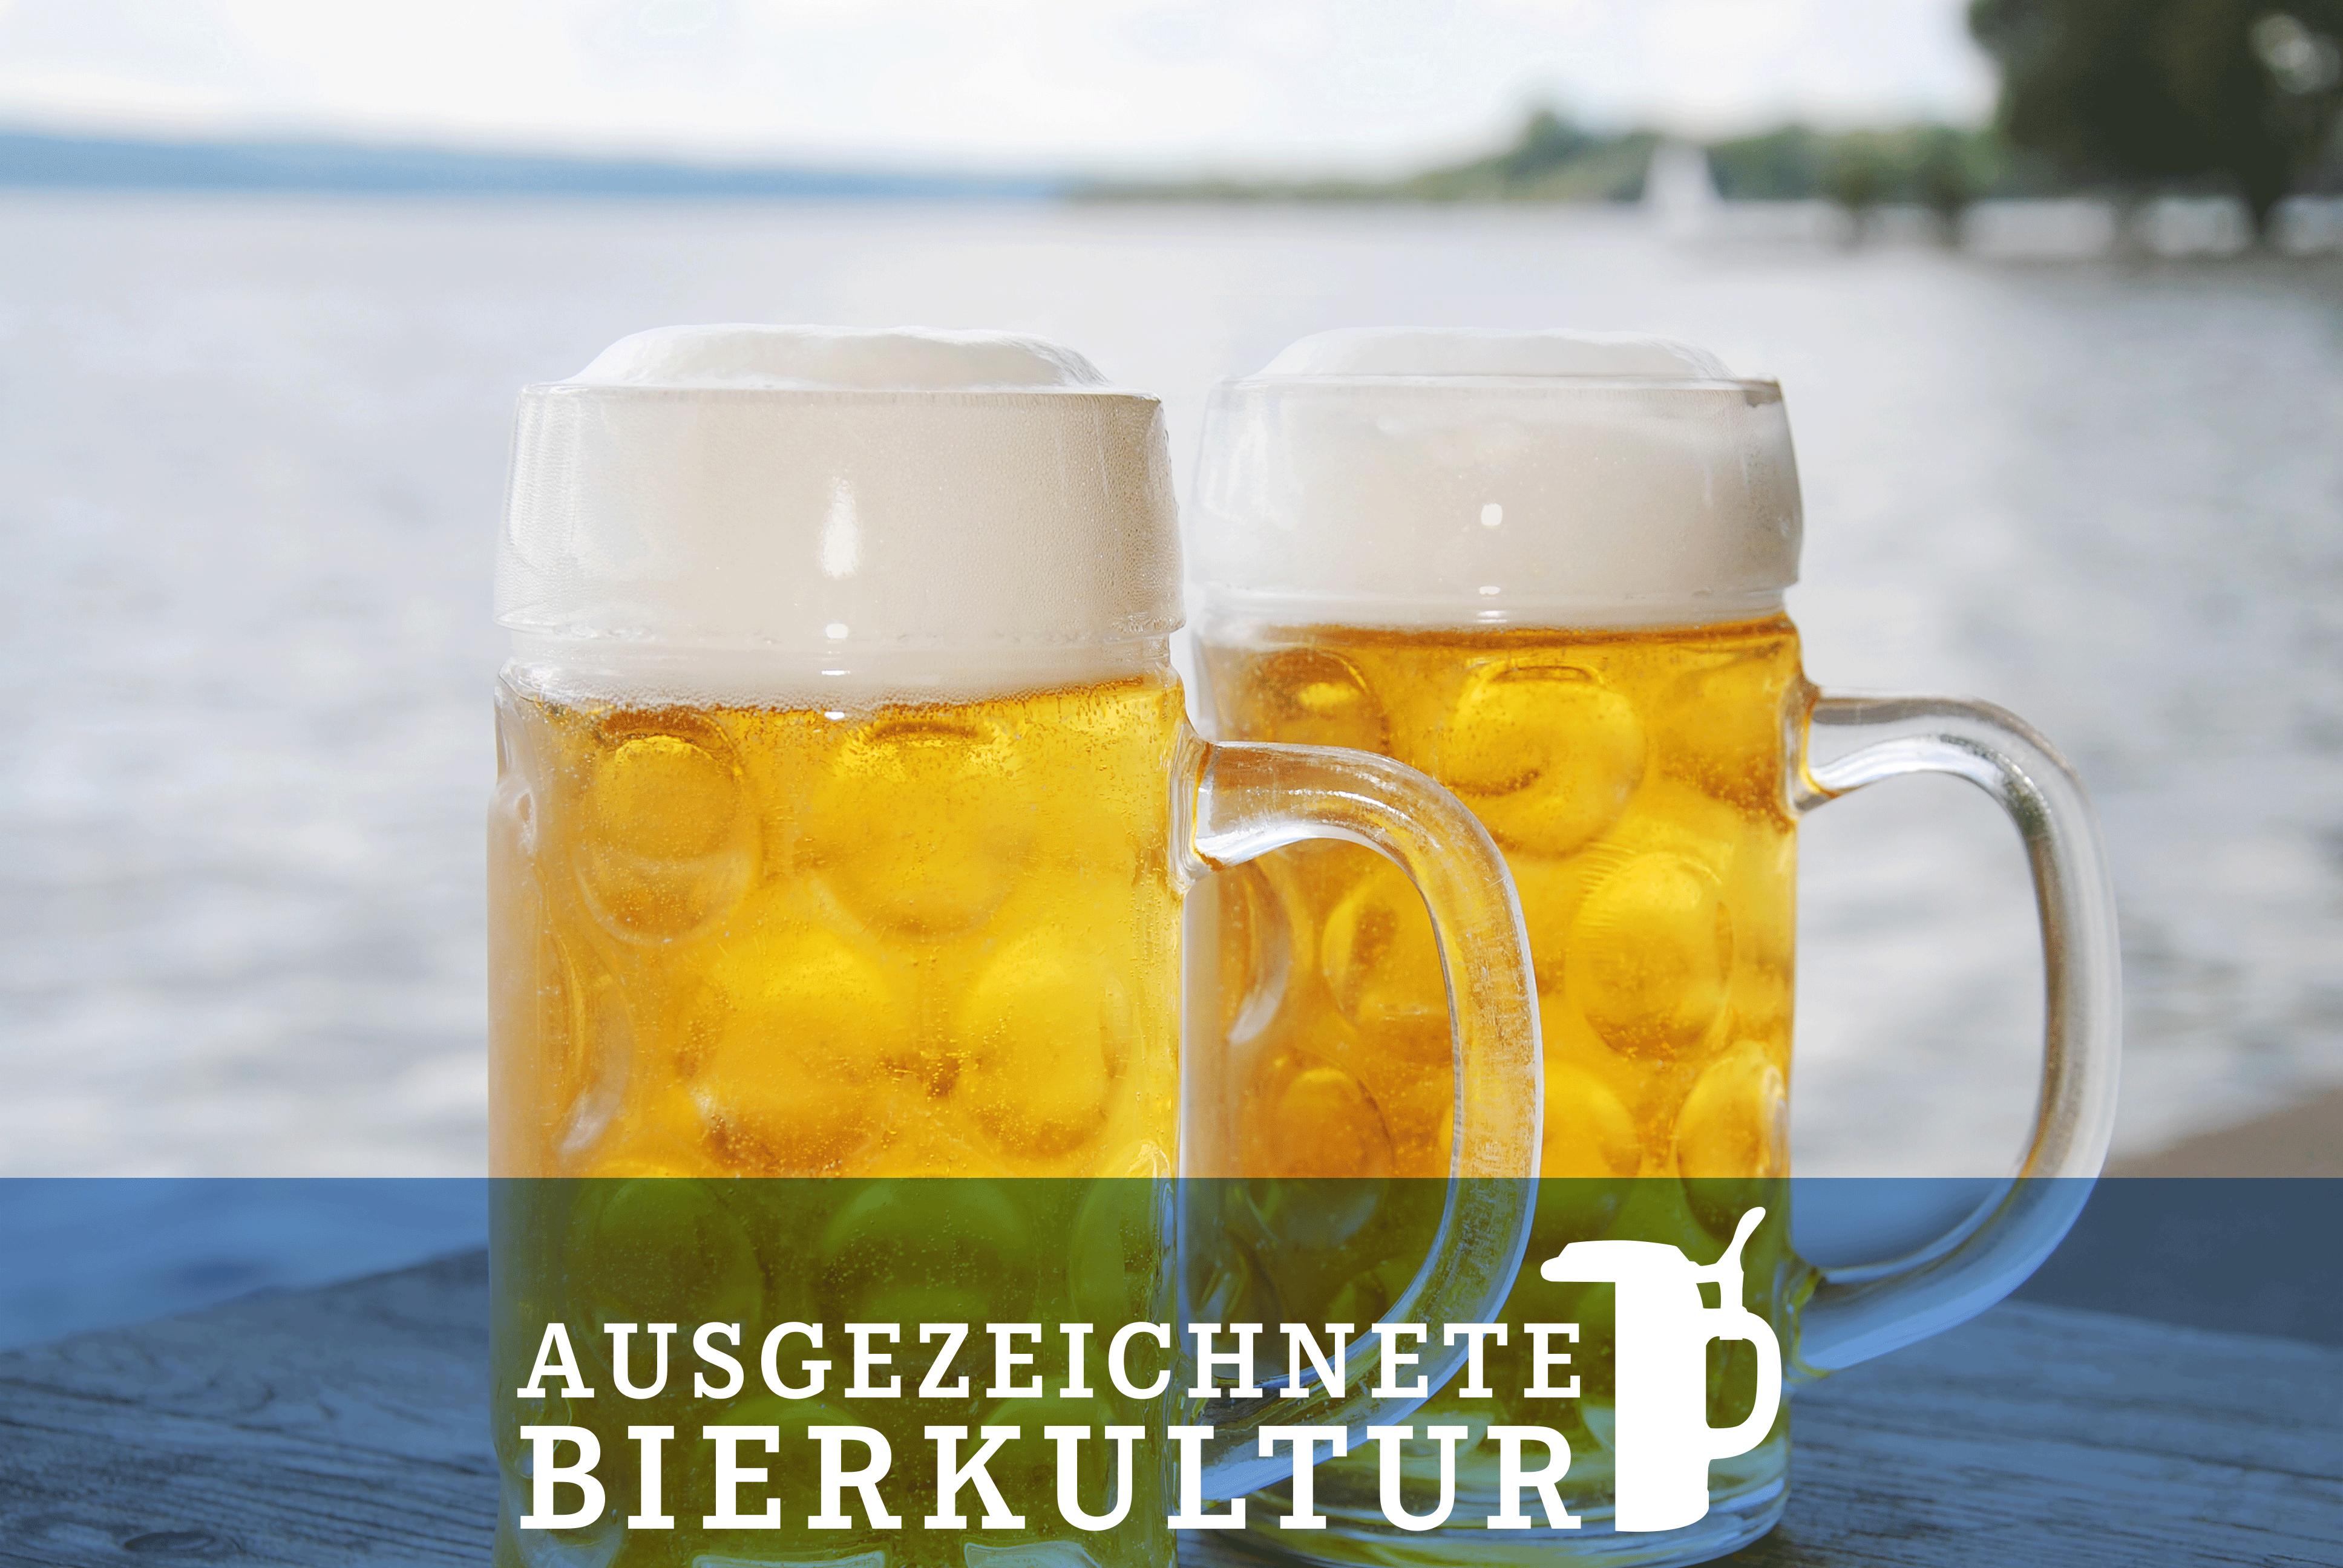 Ausgezeichneter Bayerischer Biergenuss, Ausgezeichnete Bayerische Küche